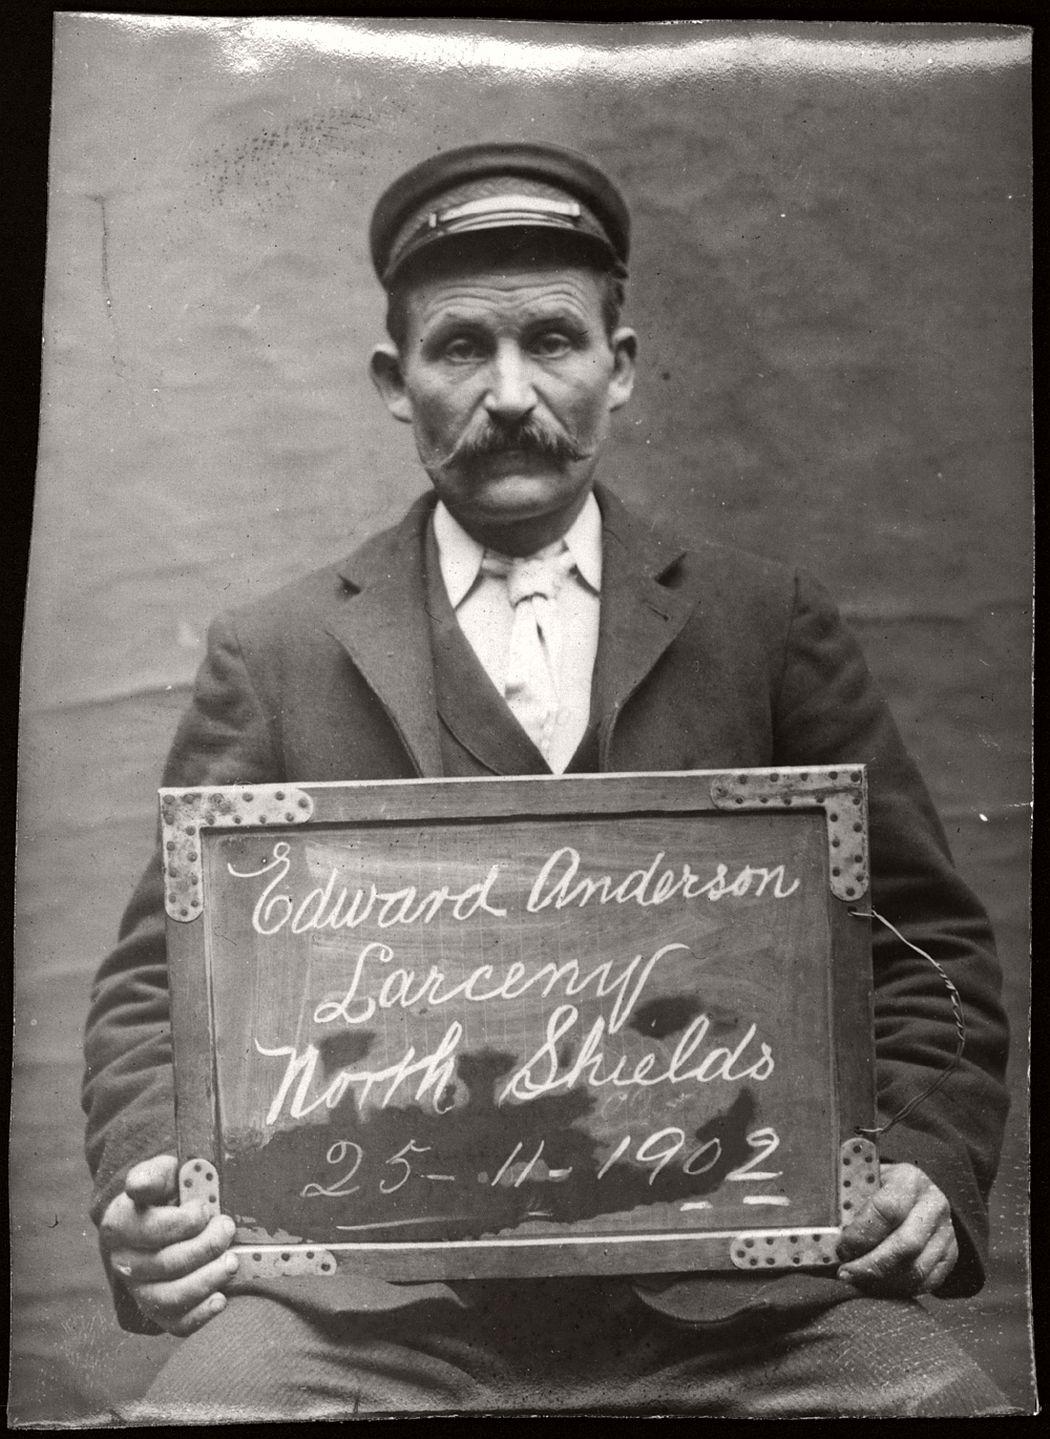 vintage-mug-shot-of-criminals-from-north-shields-1902-1905-07